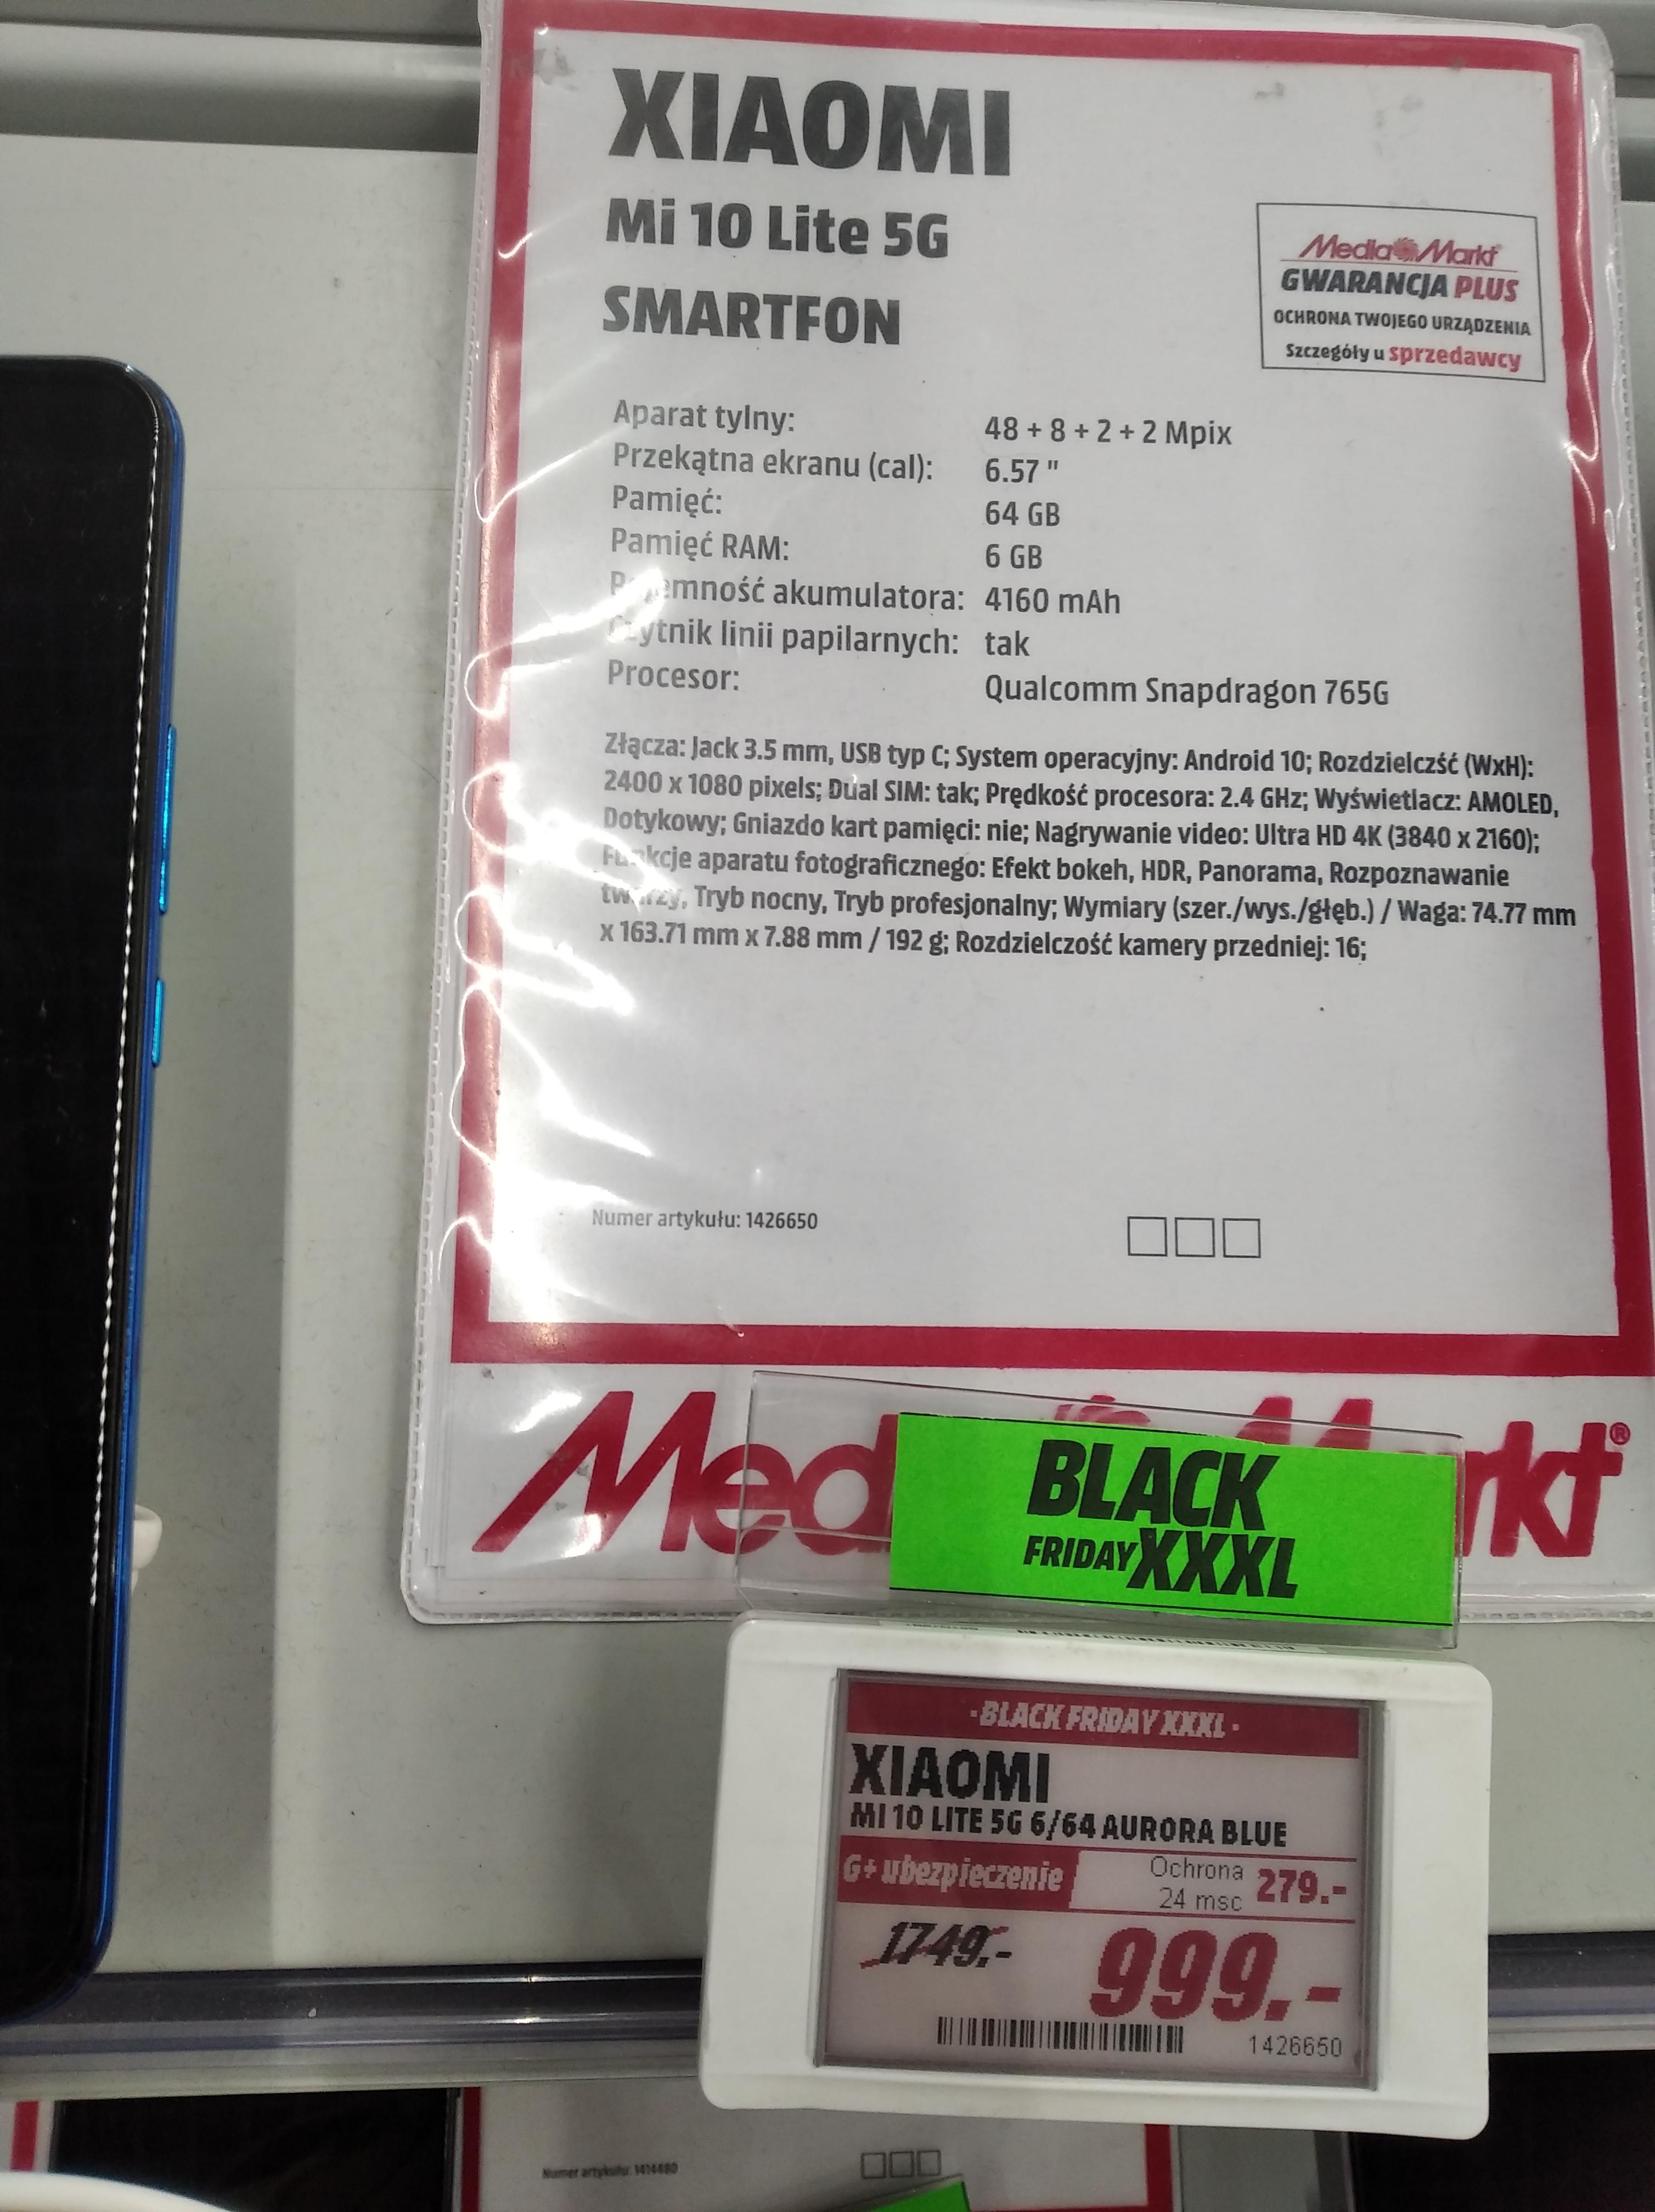 Xiaomi Mi 10 Lite 5G 6/64